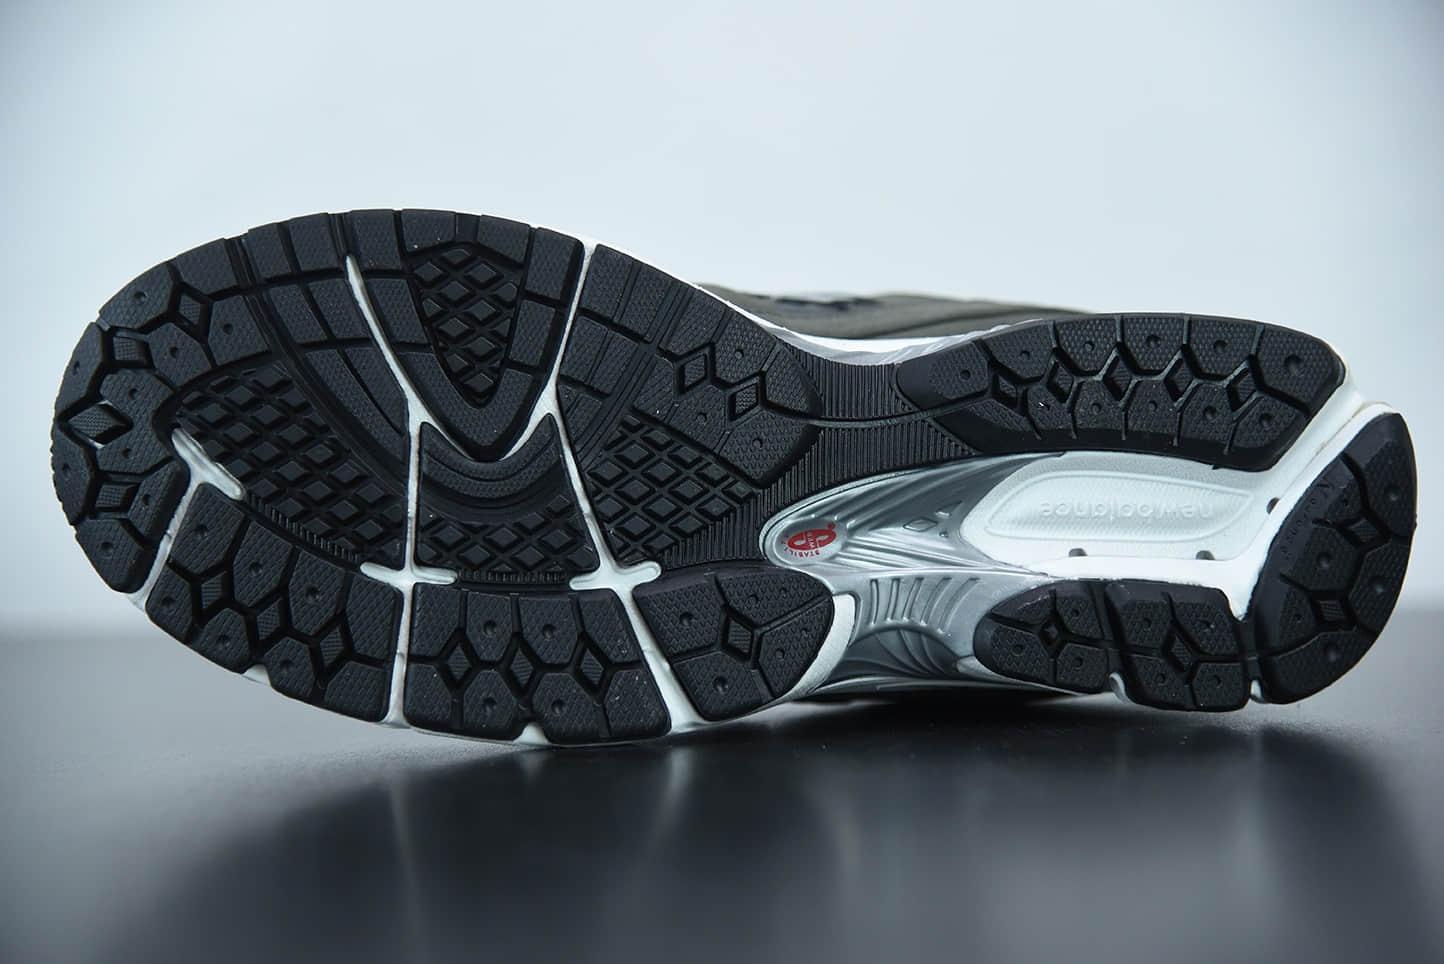 新百伦New Balance WL2002 磨砂闷青灰黑白复古休闲跑步鞋纯原版本 货号:ML2002RB